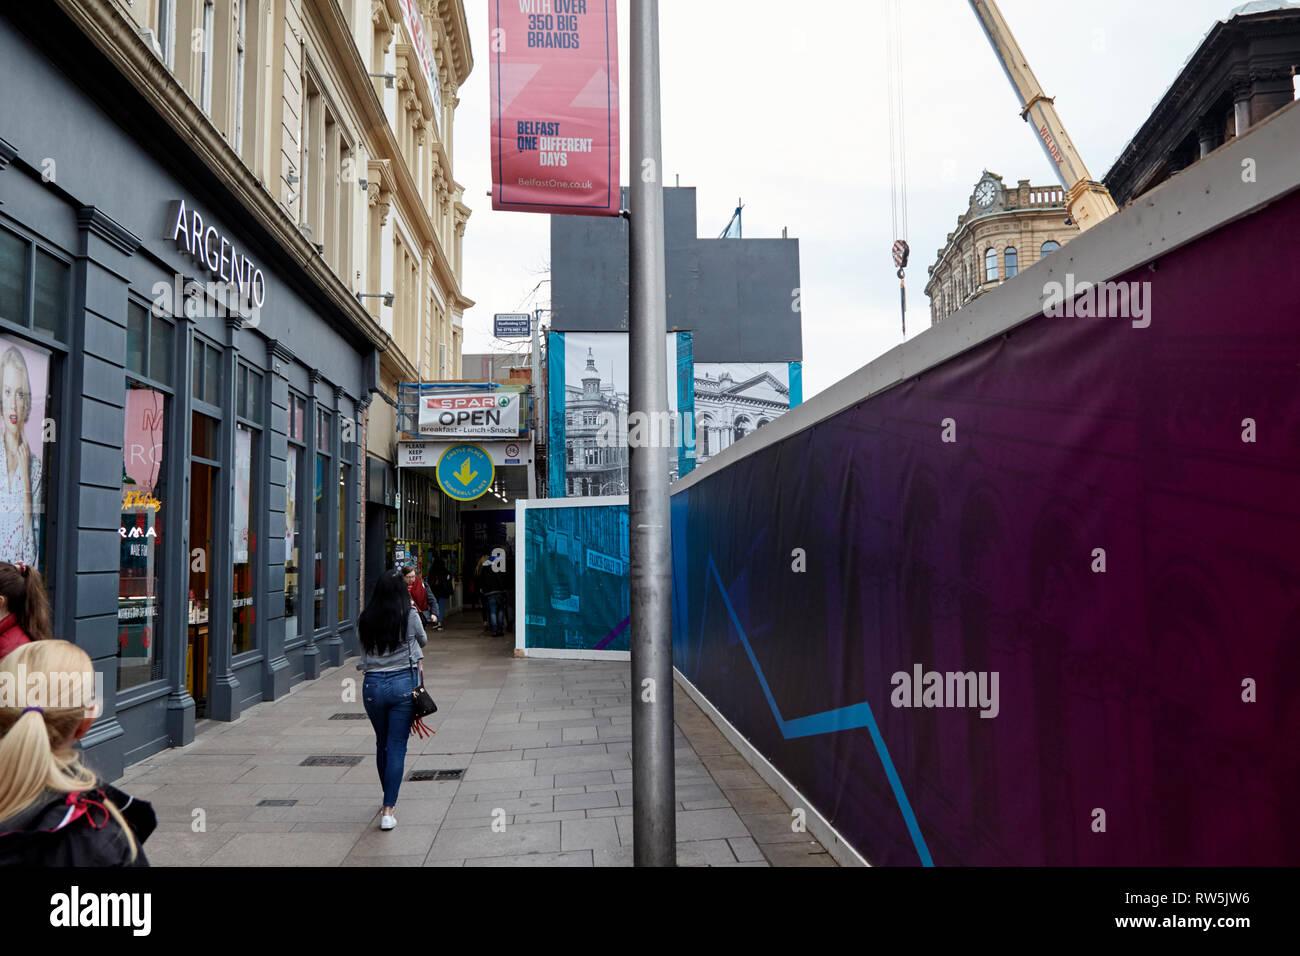 Barrieren um das Feuer beschädigte im Belfaster Stadtzentrum um die Bank Gebäude primark Gebäude Stockbild